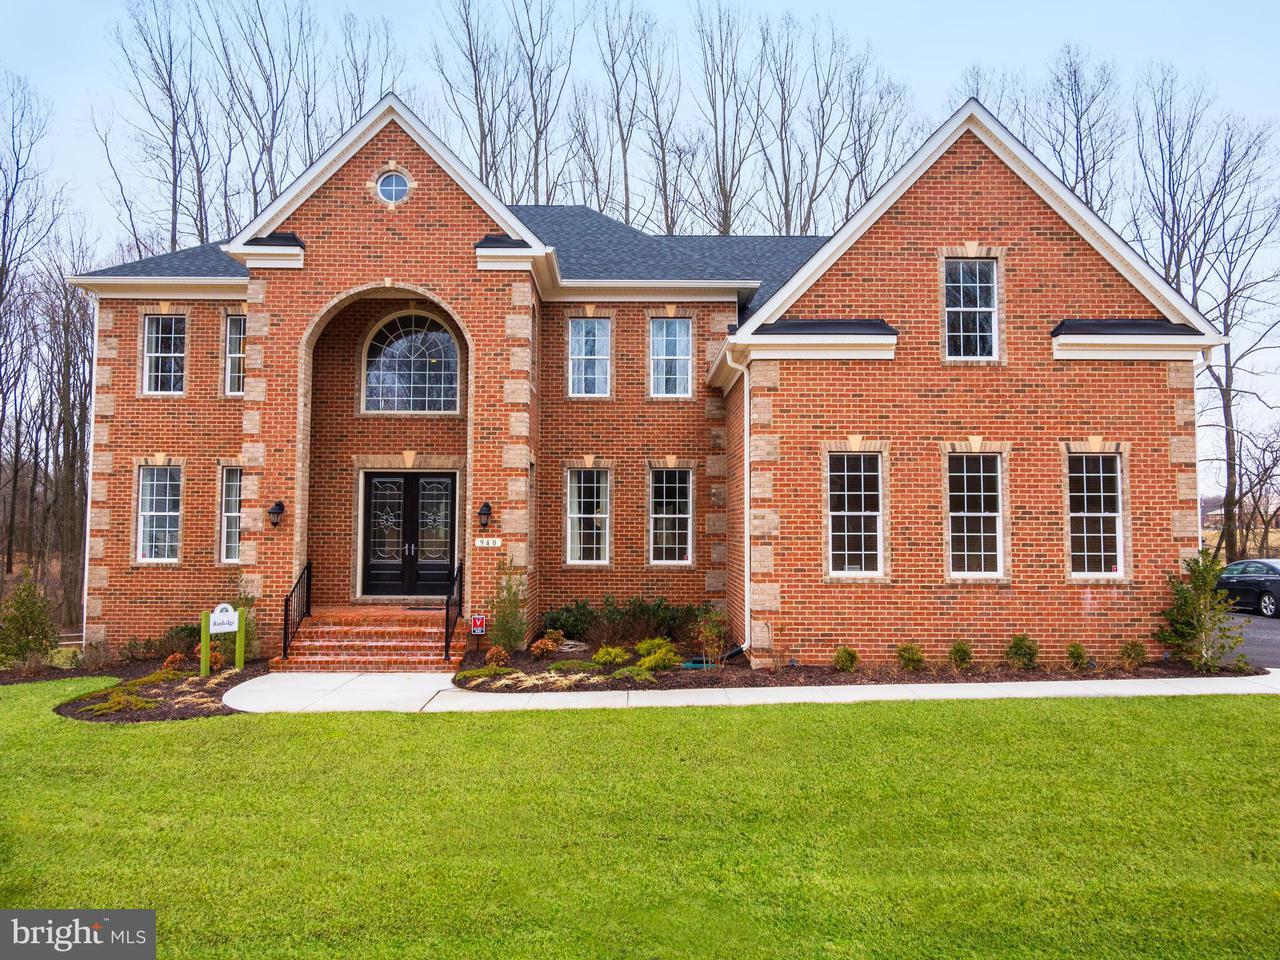 独户住宅 为 销售 在 815 Lower Barn Way 815 Lower Barn Way Olney, 马里兰州 20832 美国